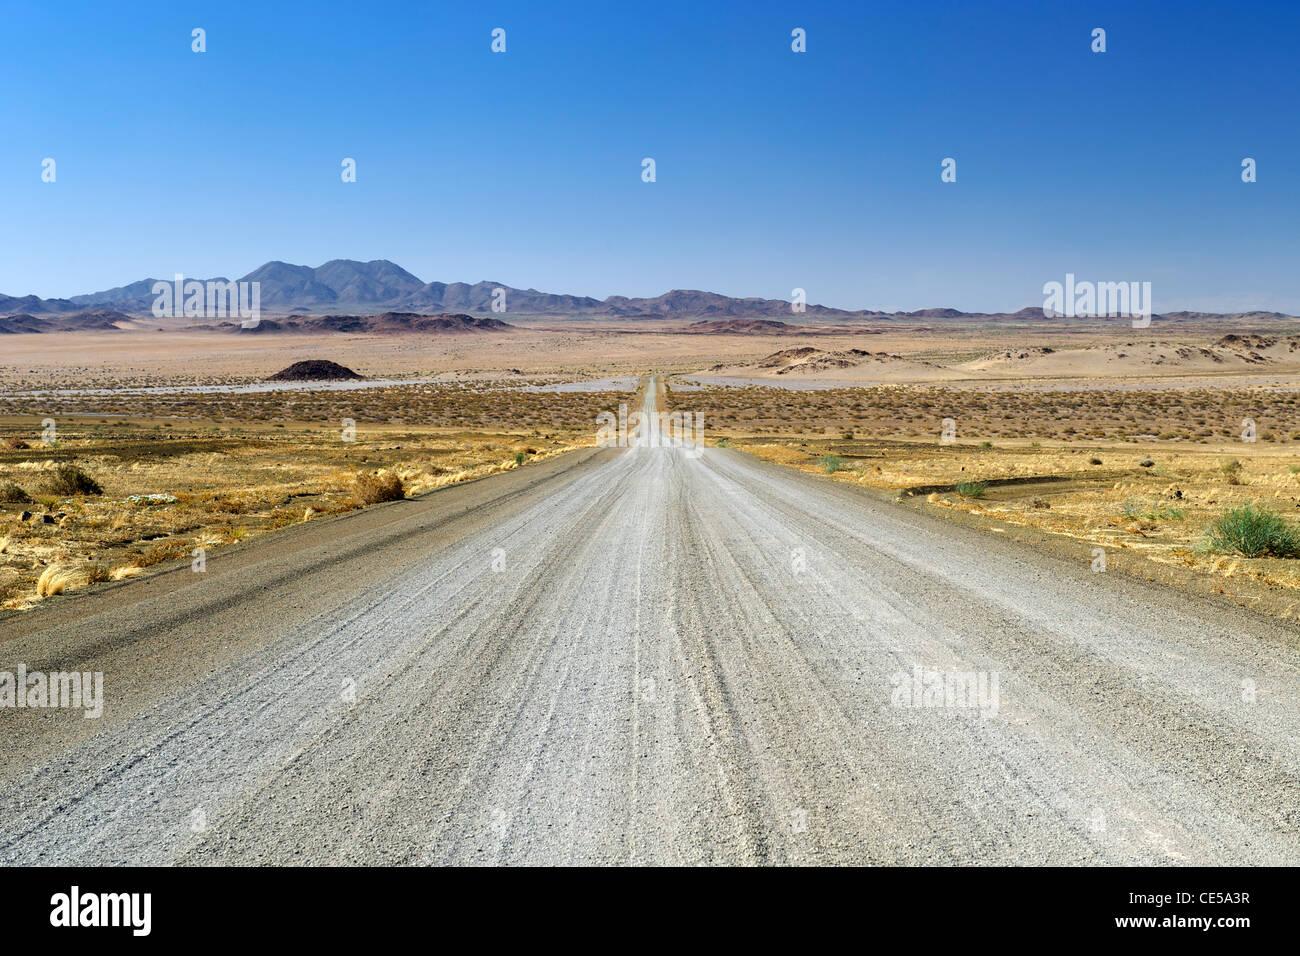 Kiesweg in der Karas-Region des südlichen Namibia. Stockbild